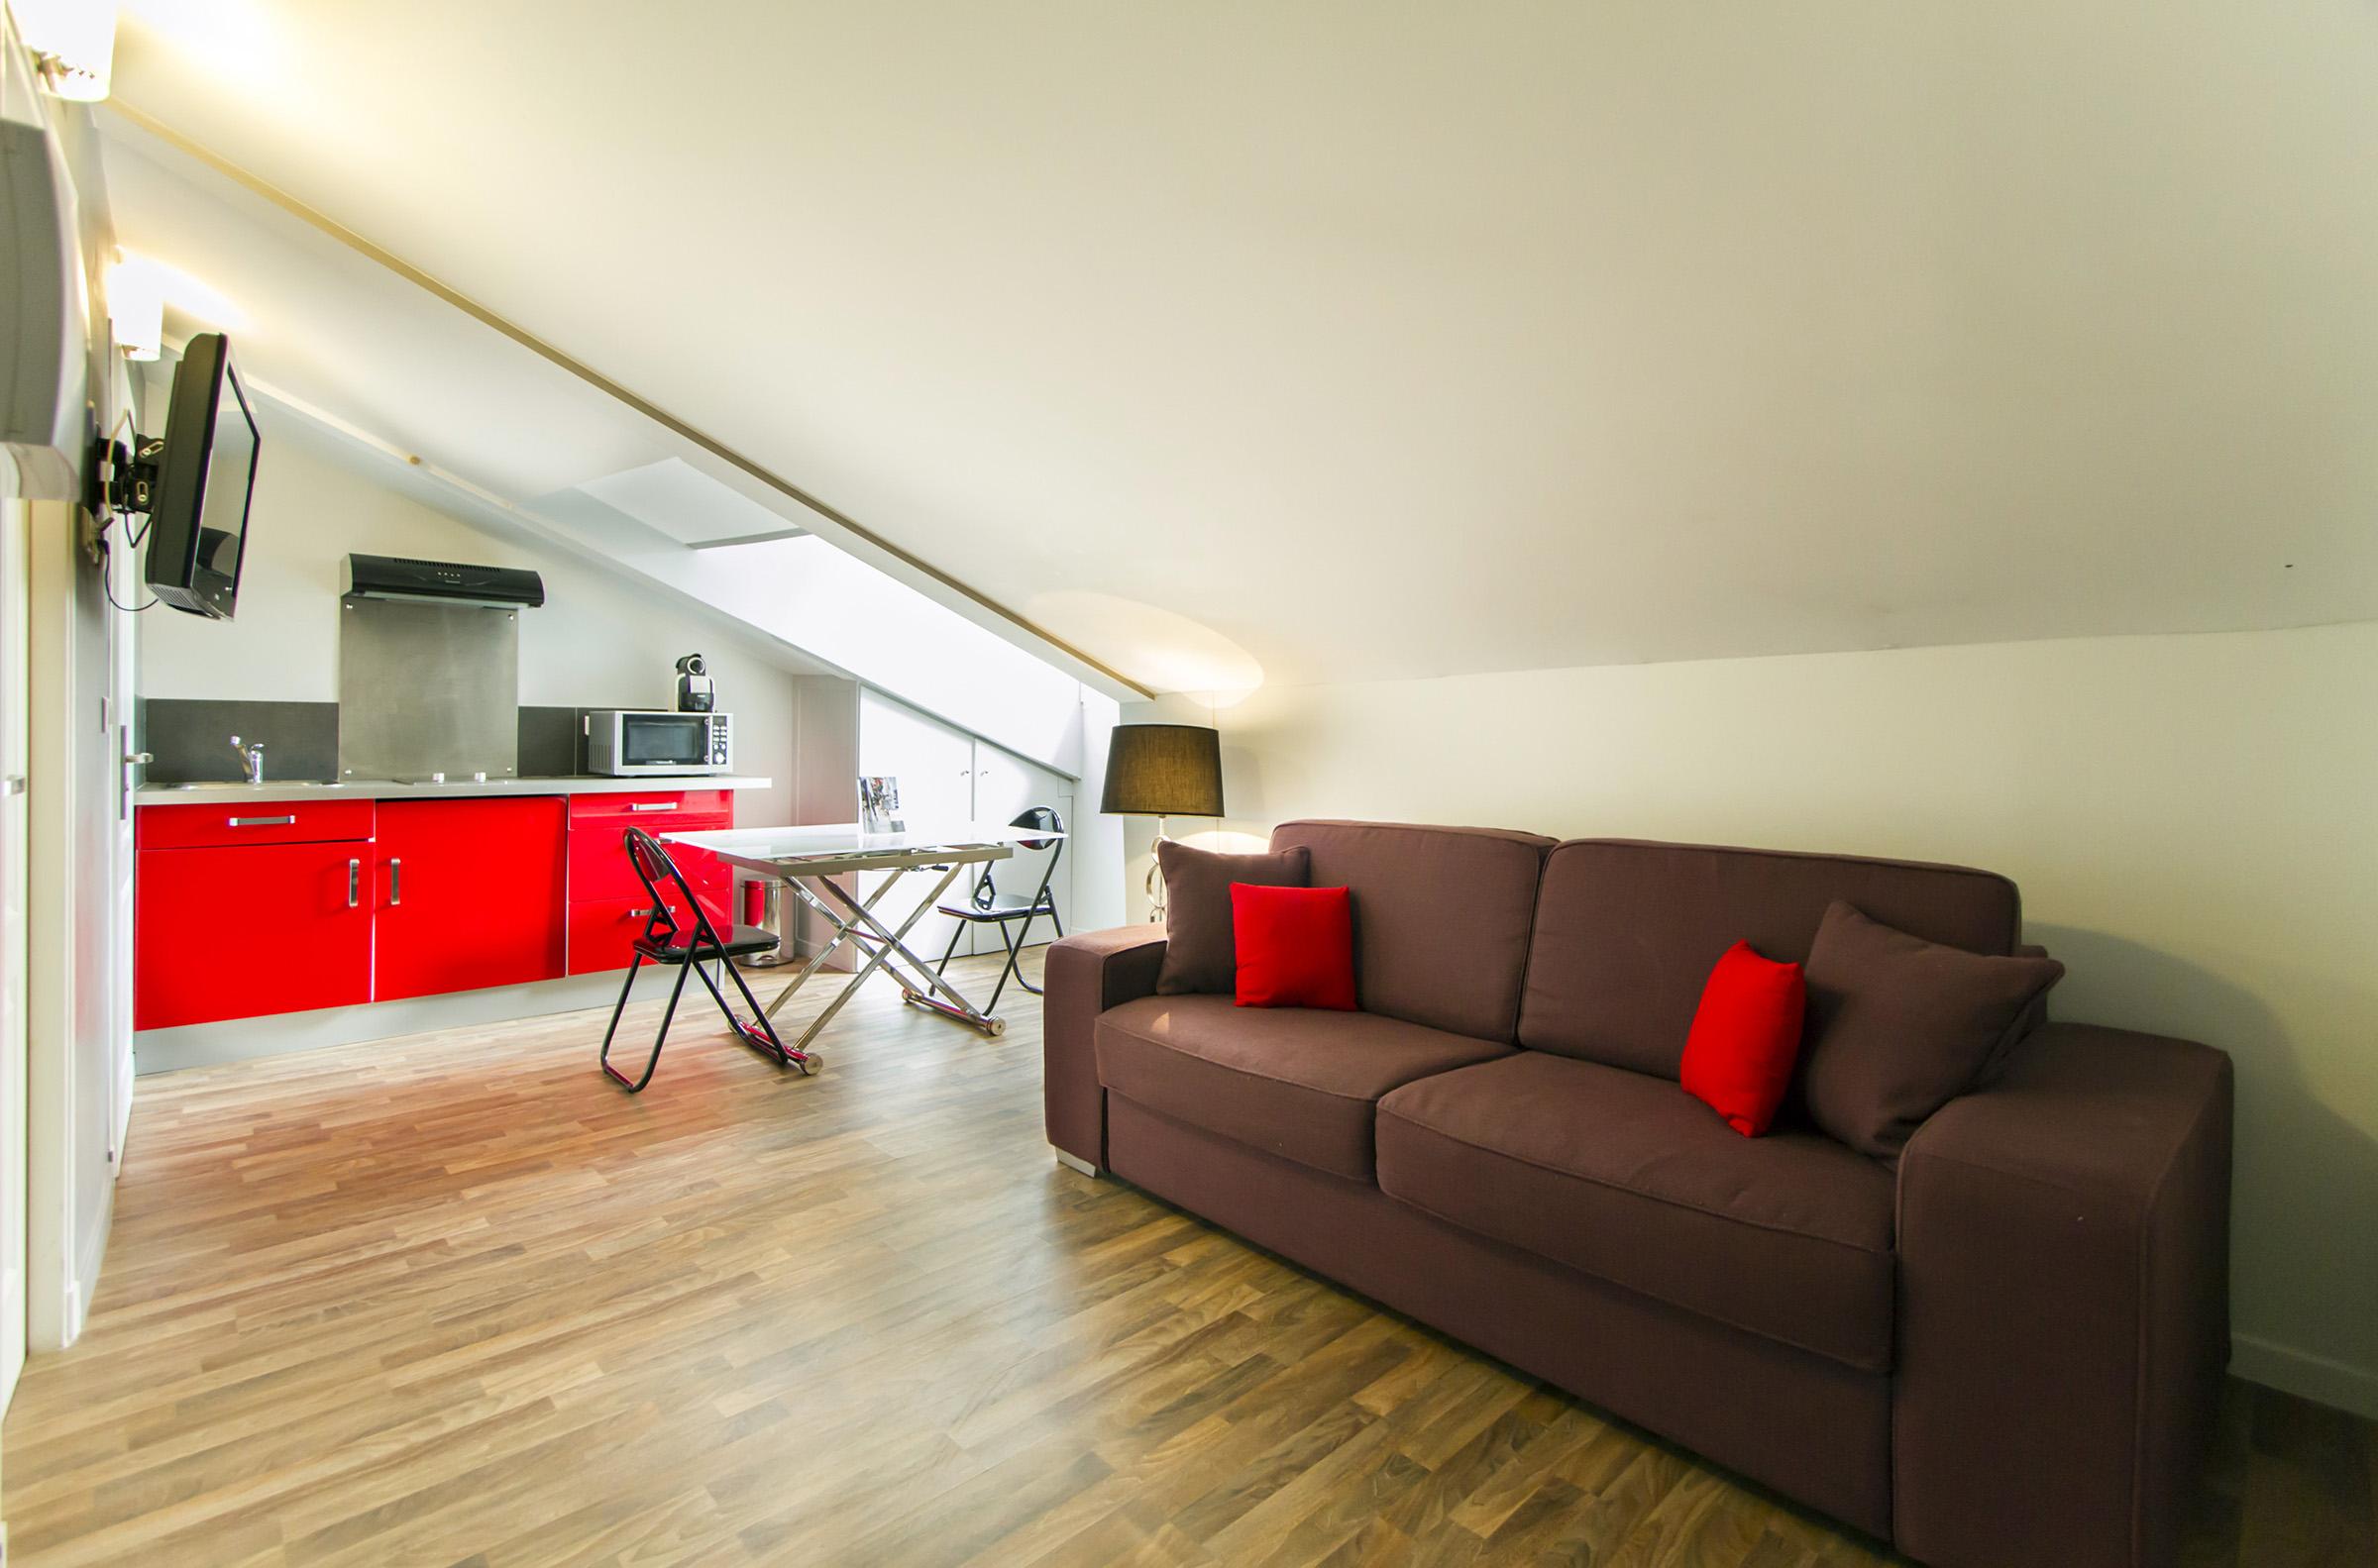 Appartement 2 pièesc 23m² mansardé - 1 bedroom apartment in attic 23sqm